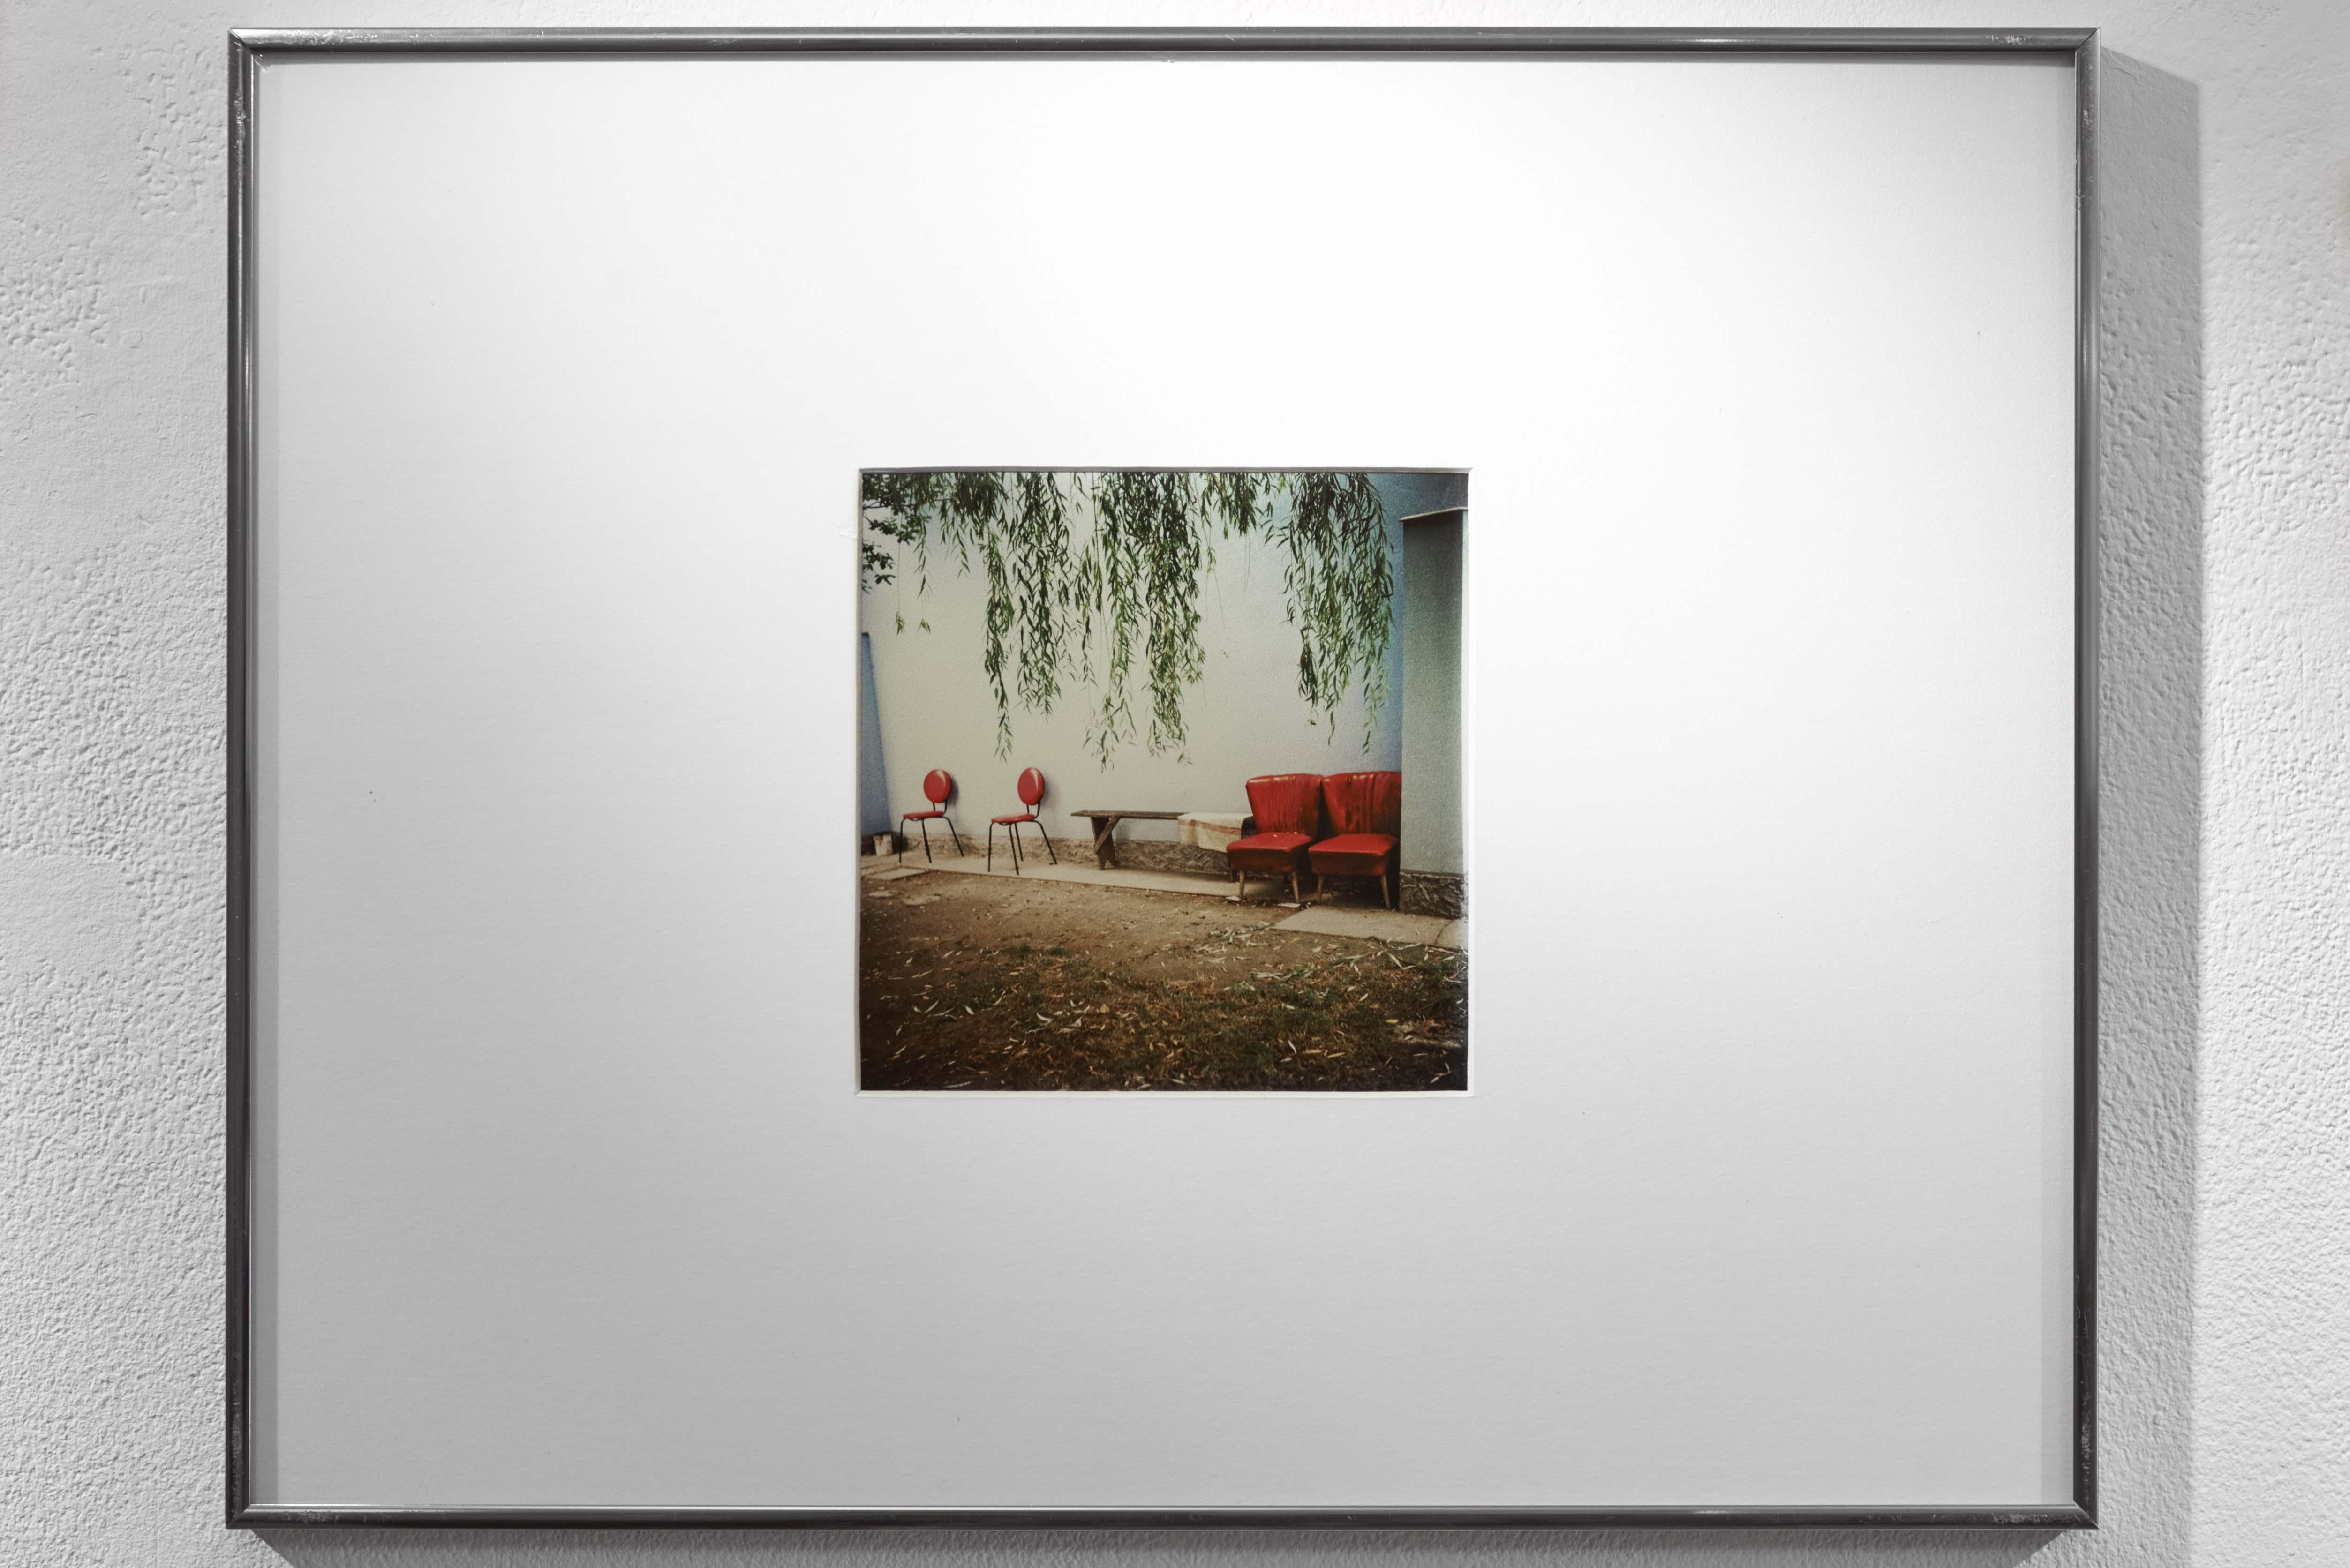 Kovalovszky Dániel: Székek ( az Emlélkgyár című sorozatból) / Chairs (From the series Memory Factory) 2007 – 2010. <br />Fotó: Kiss Imre